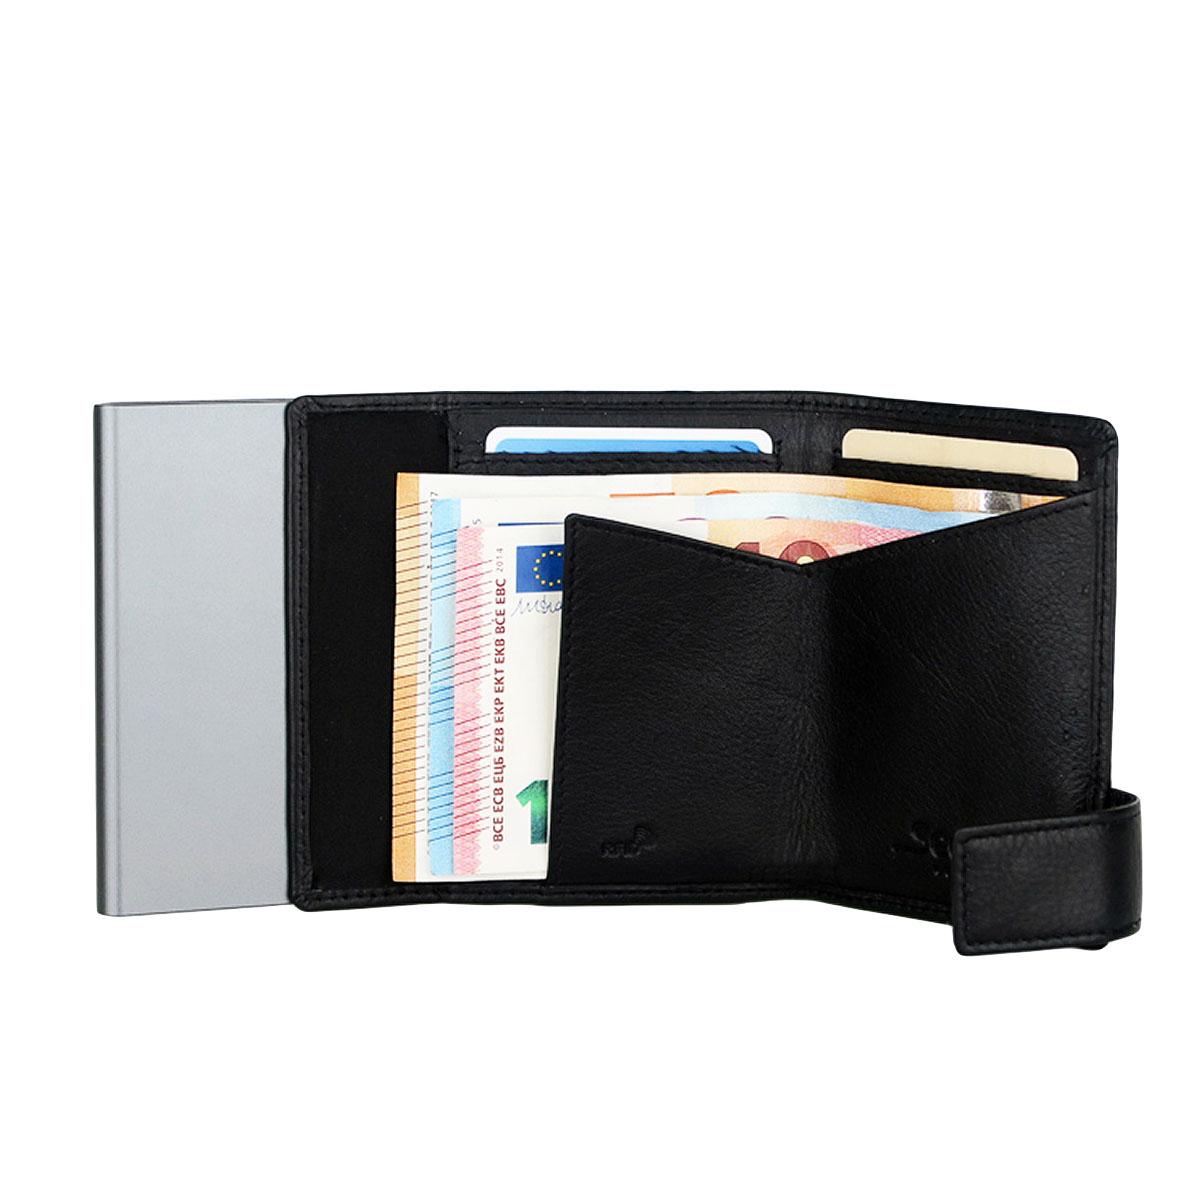 7b67d2559536c SecWal RFID Leder Kartenetui mit Münzfach Geldbörse Portemonnaie Geldbeutel  SW1